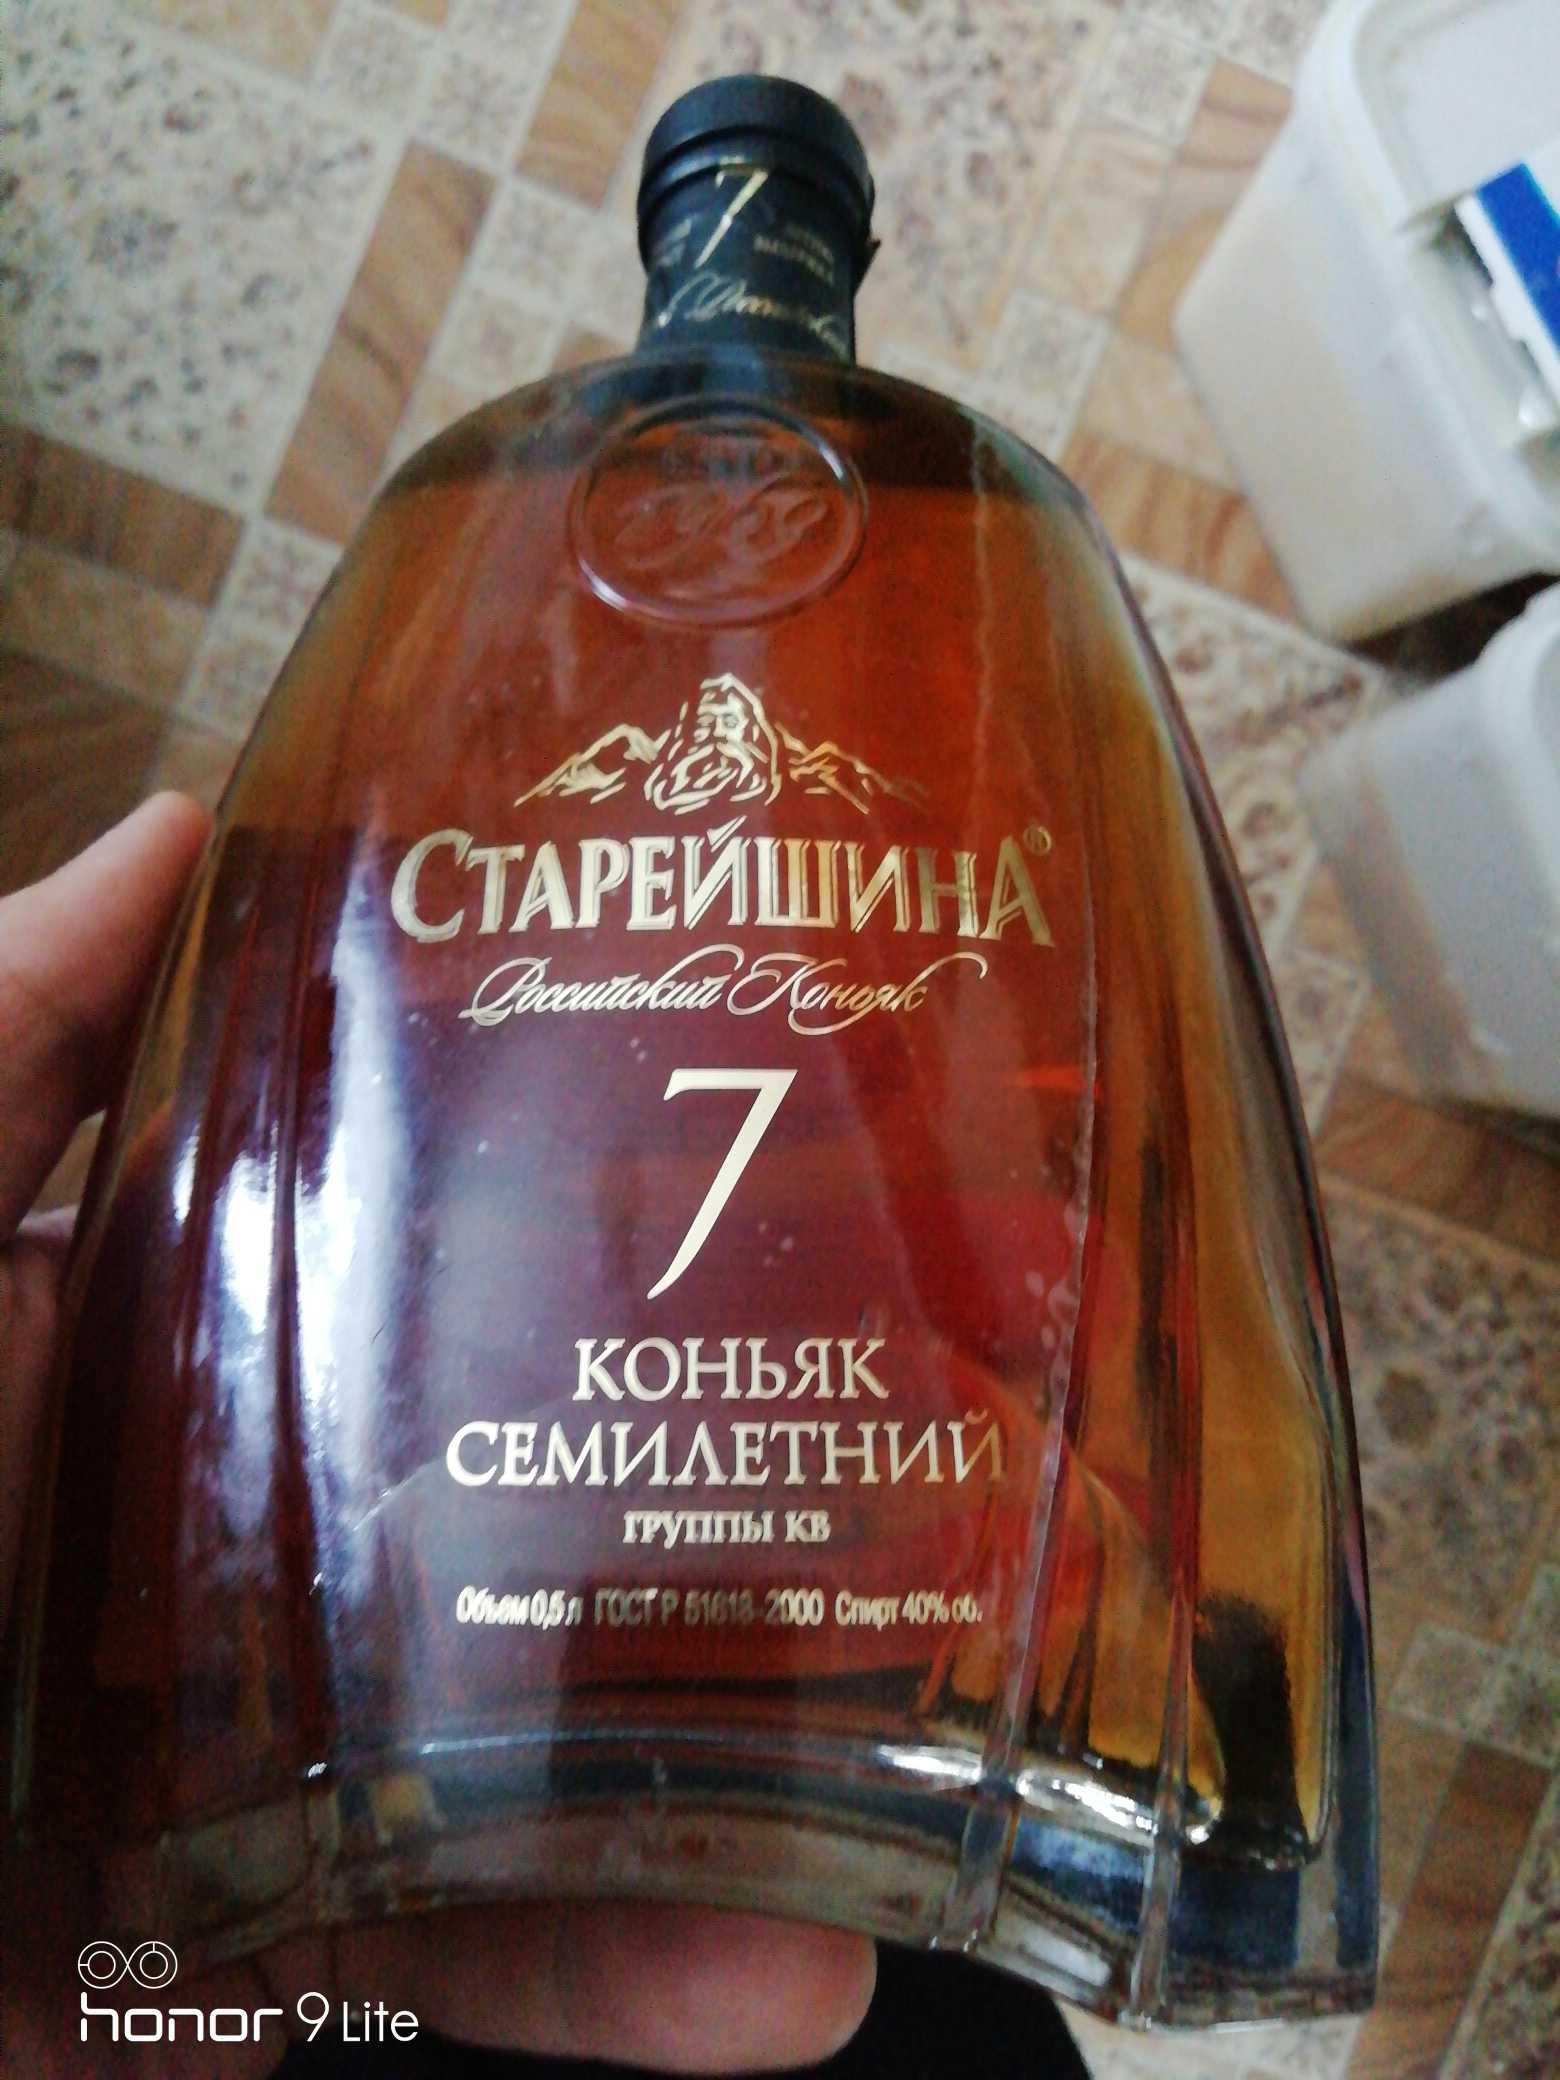 """Коньяк """"старейшина"""" (7 лет): отзывы специалистов"""